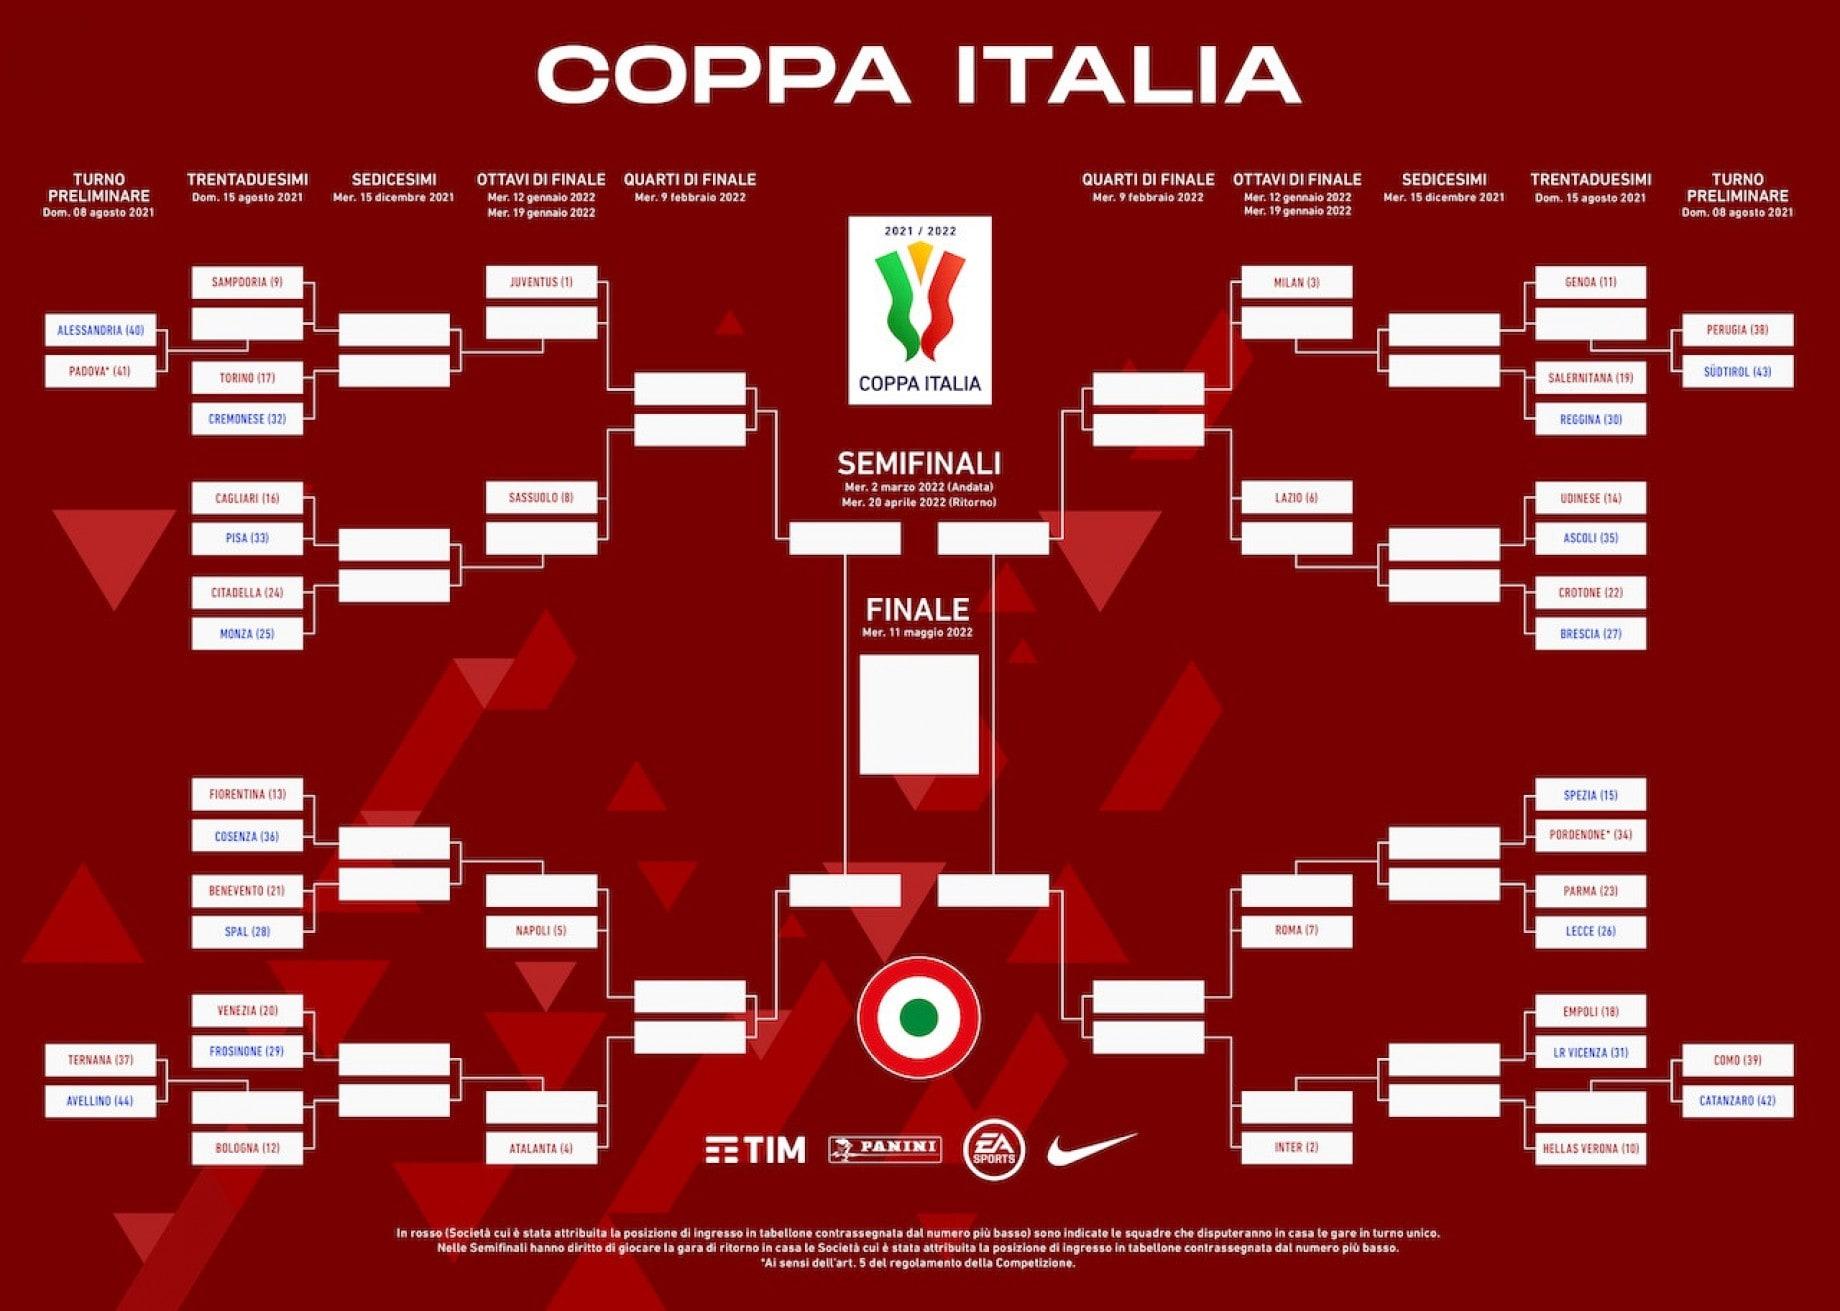 Coppa Italia 2021-2022 tabellone